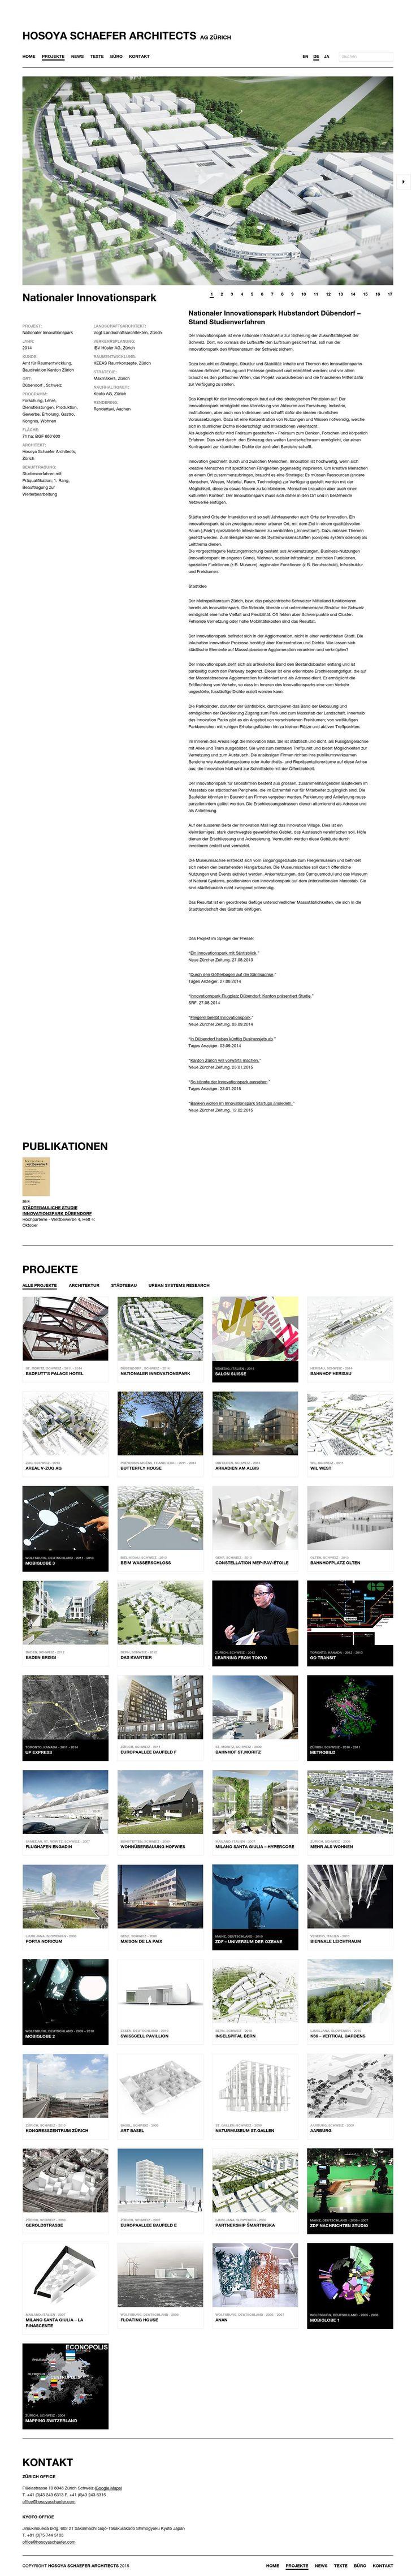 Großzügig 93 Website Diagramm Bild Inspirationen Zeitgenössisch ...